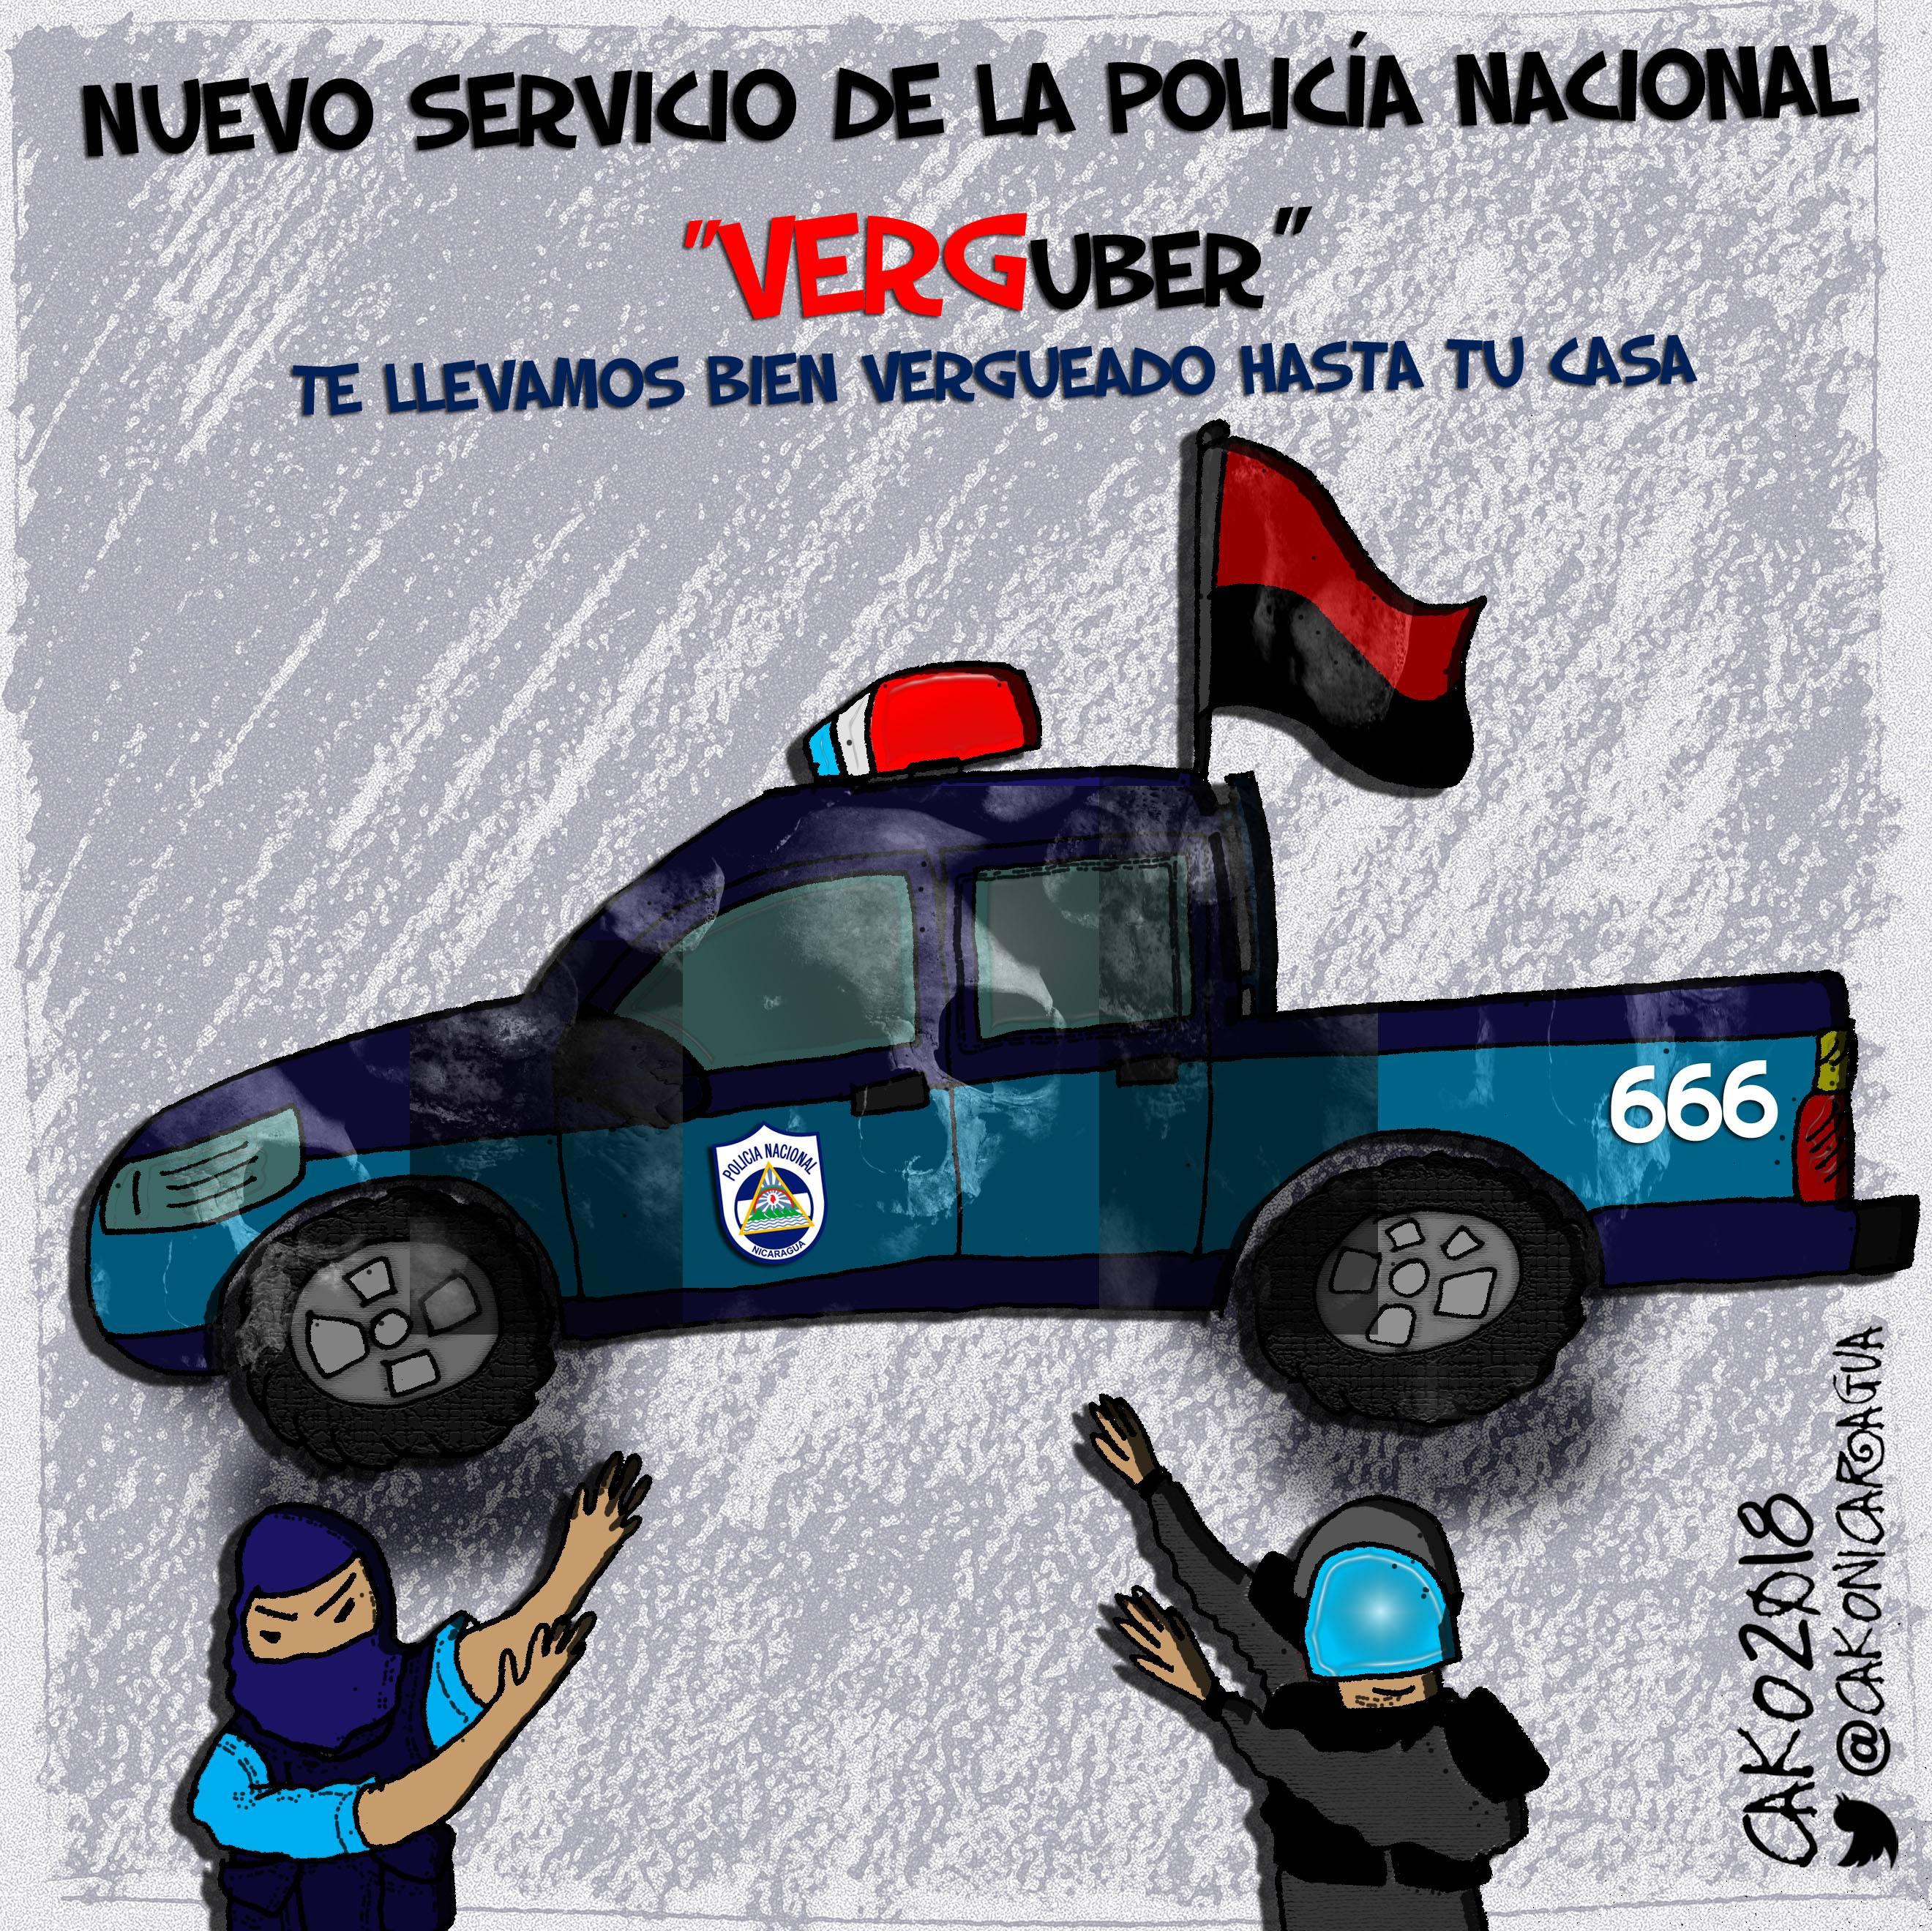 La Polichía NAZIonal ahora te detiene, te golpea y te va a dejar a tus casa. CaKo/Articulo66